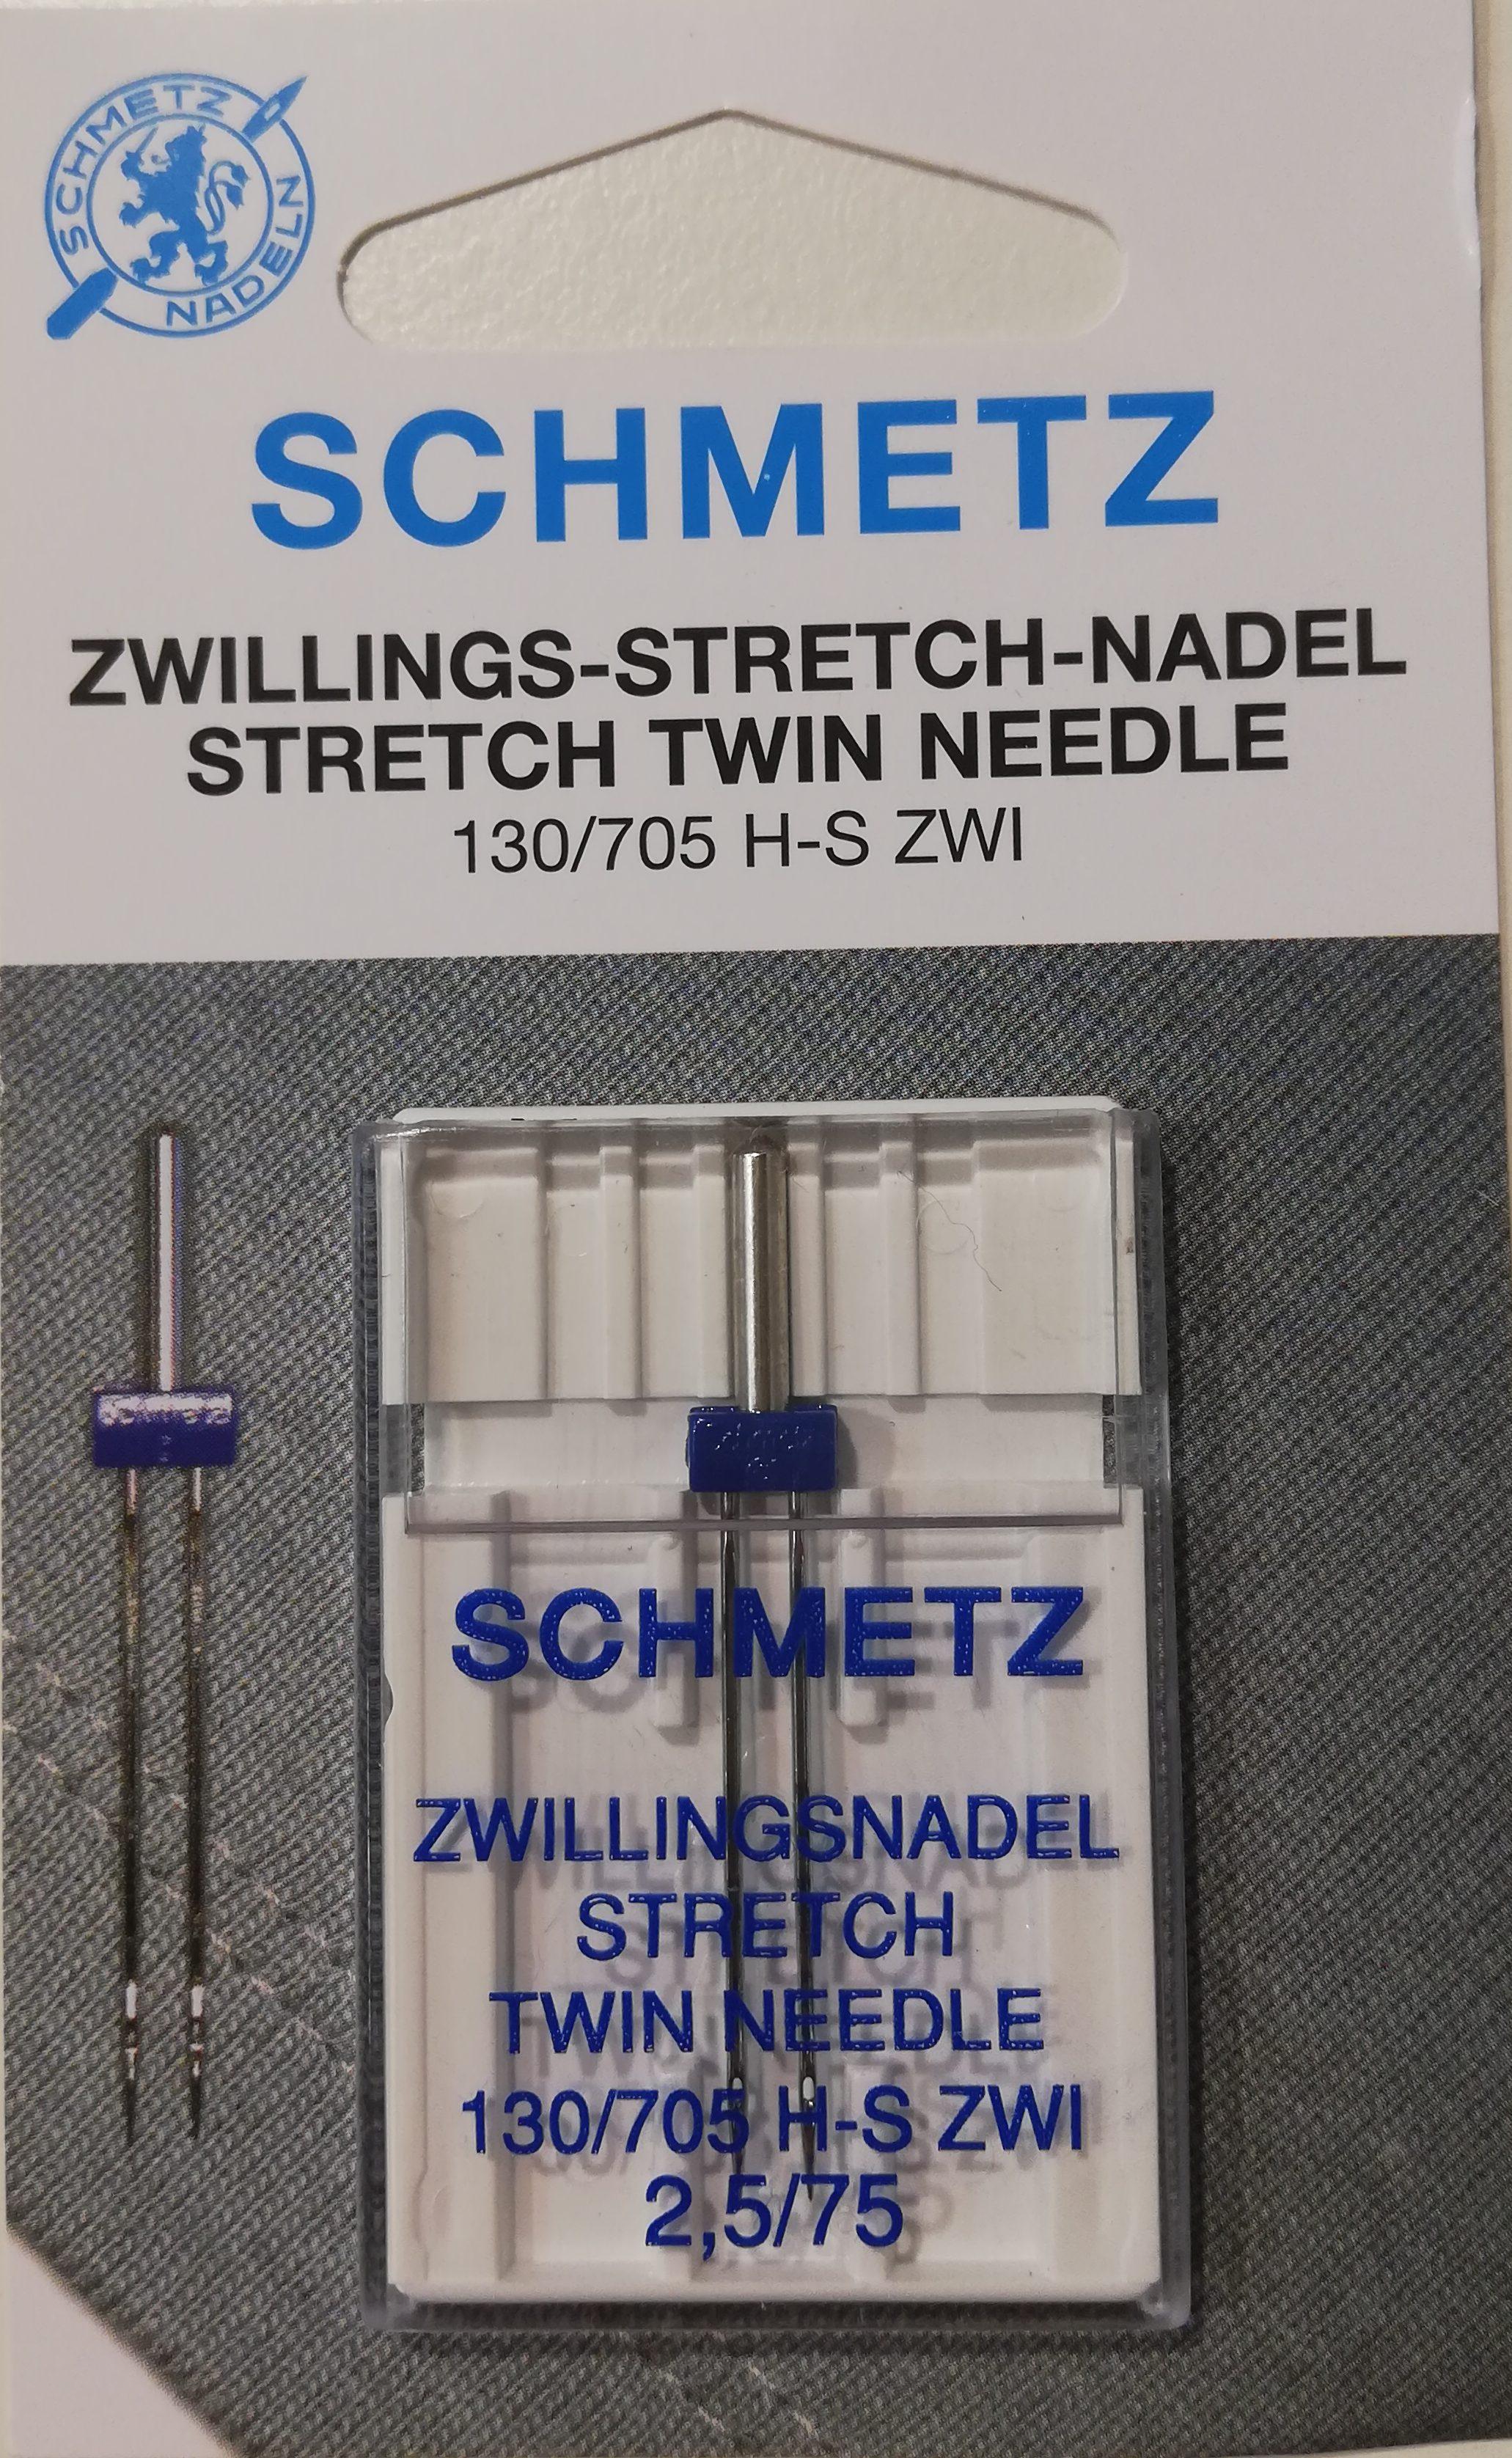 Schmetz tweeling naald stretch 2.5/75